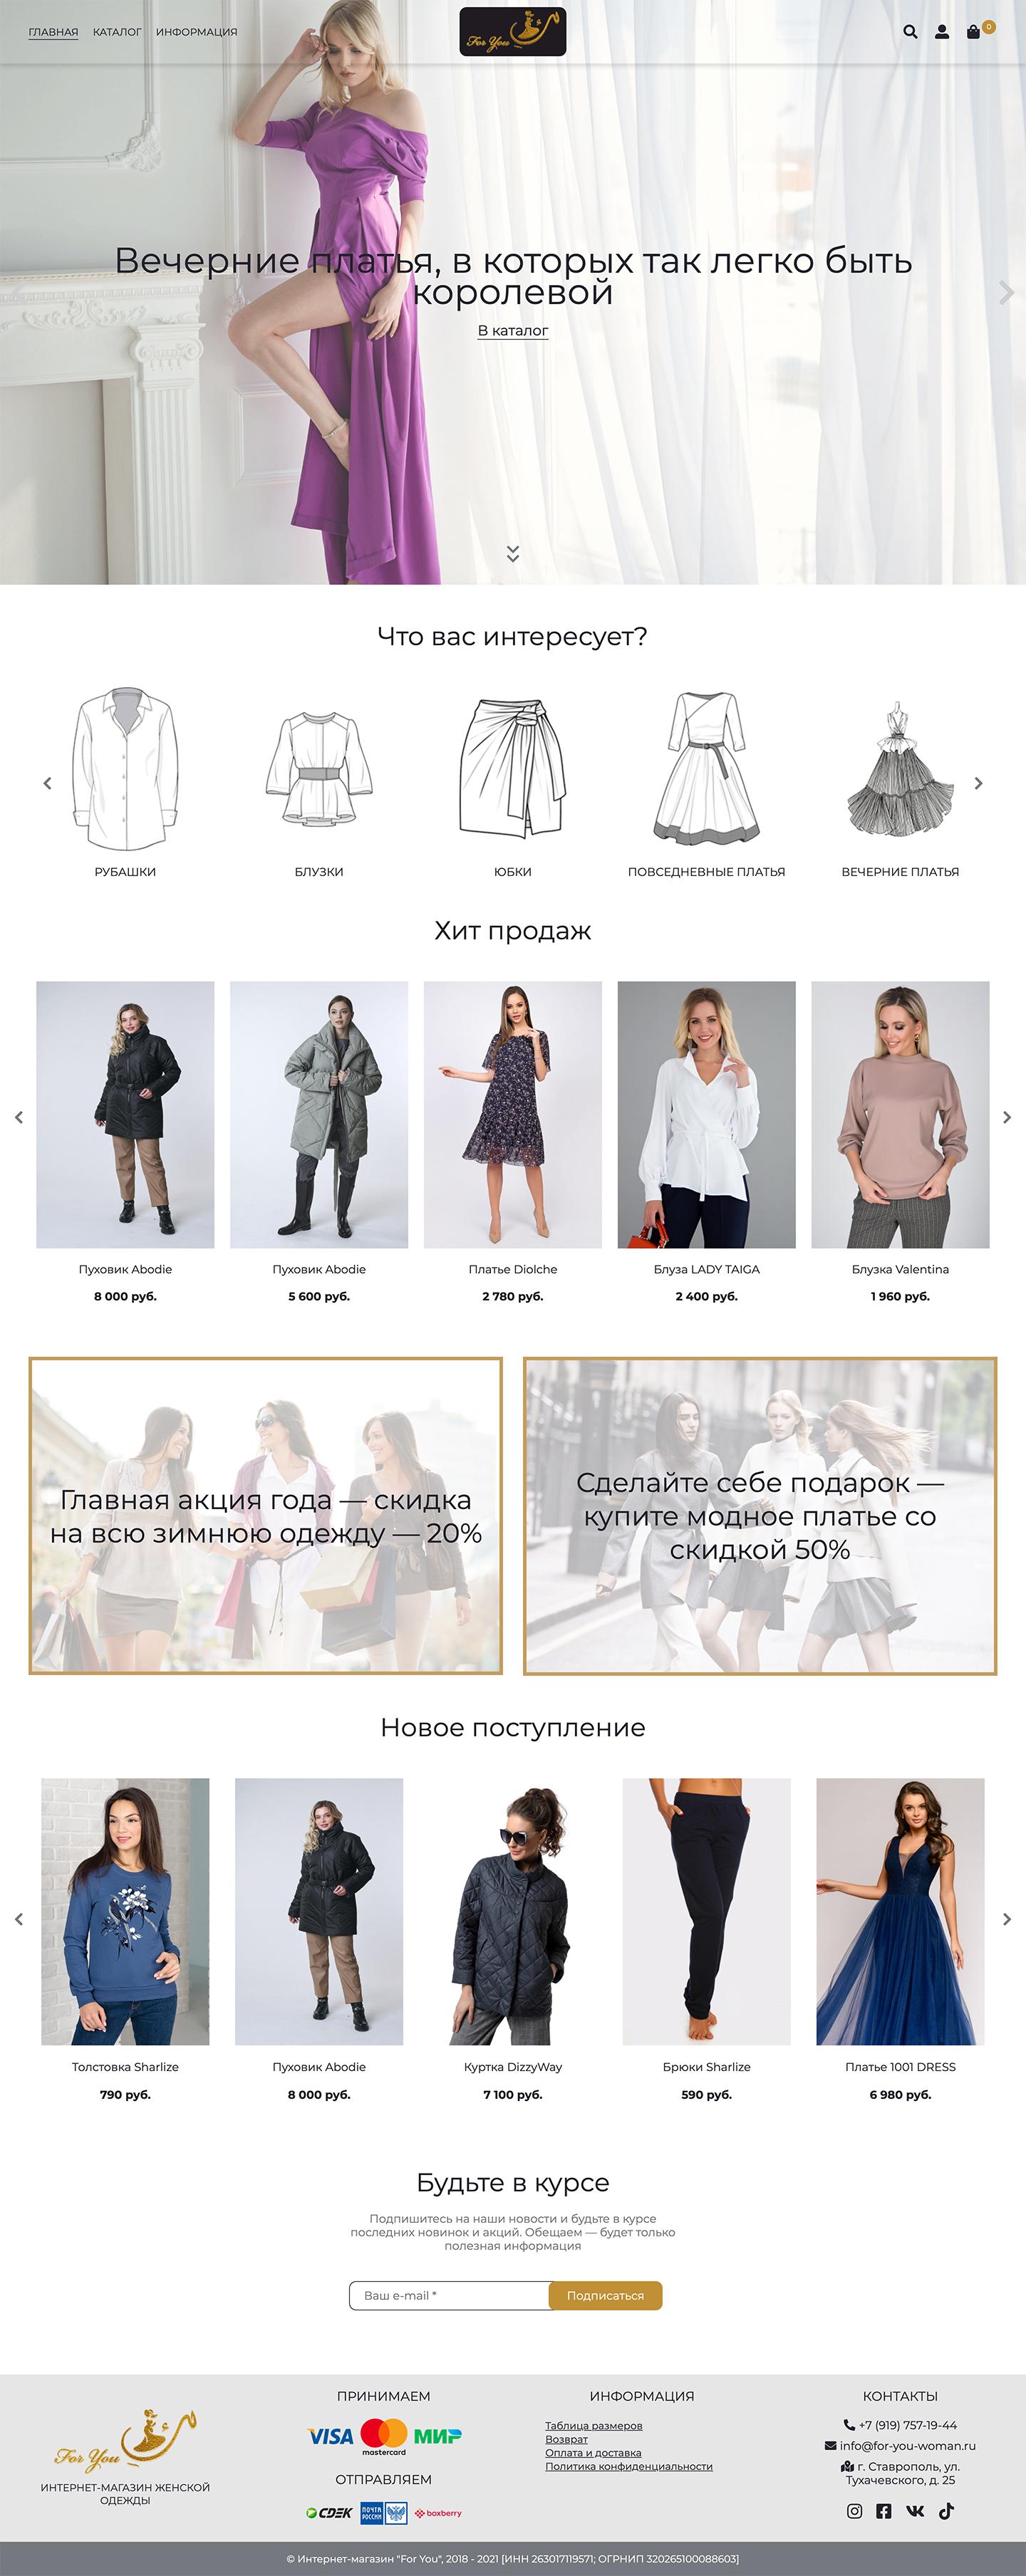 Создание интернет-магазина женской одежды «For You»